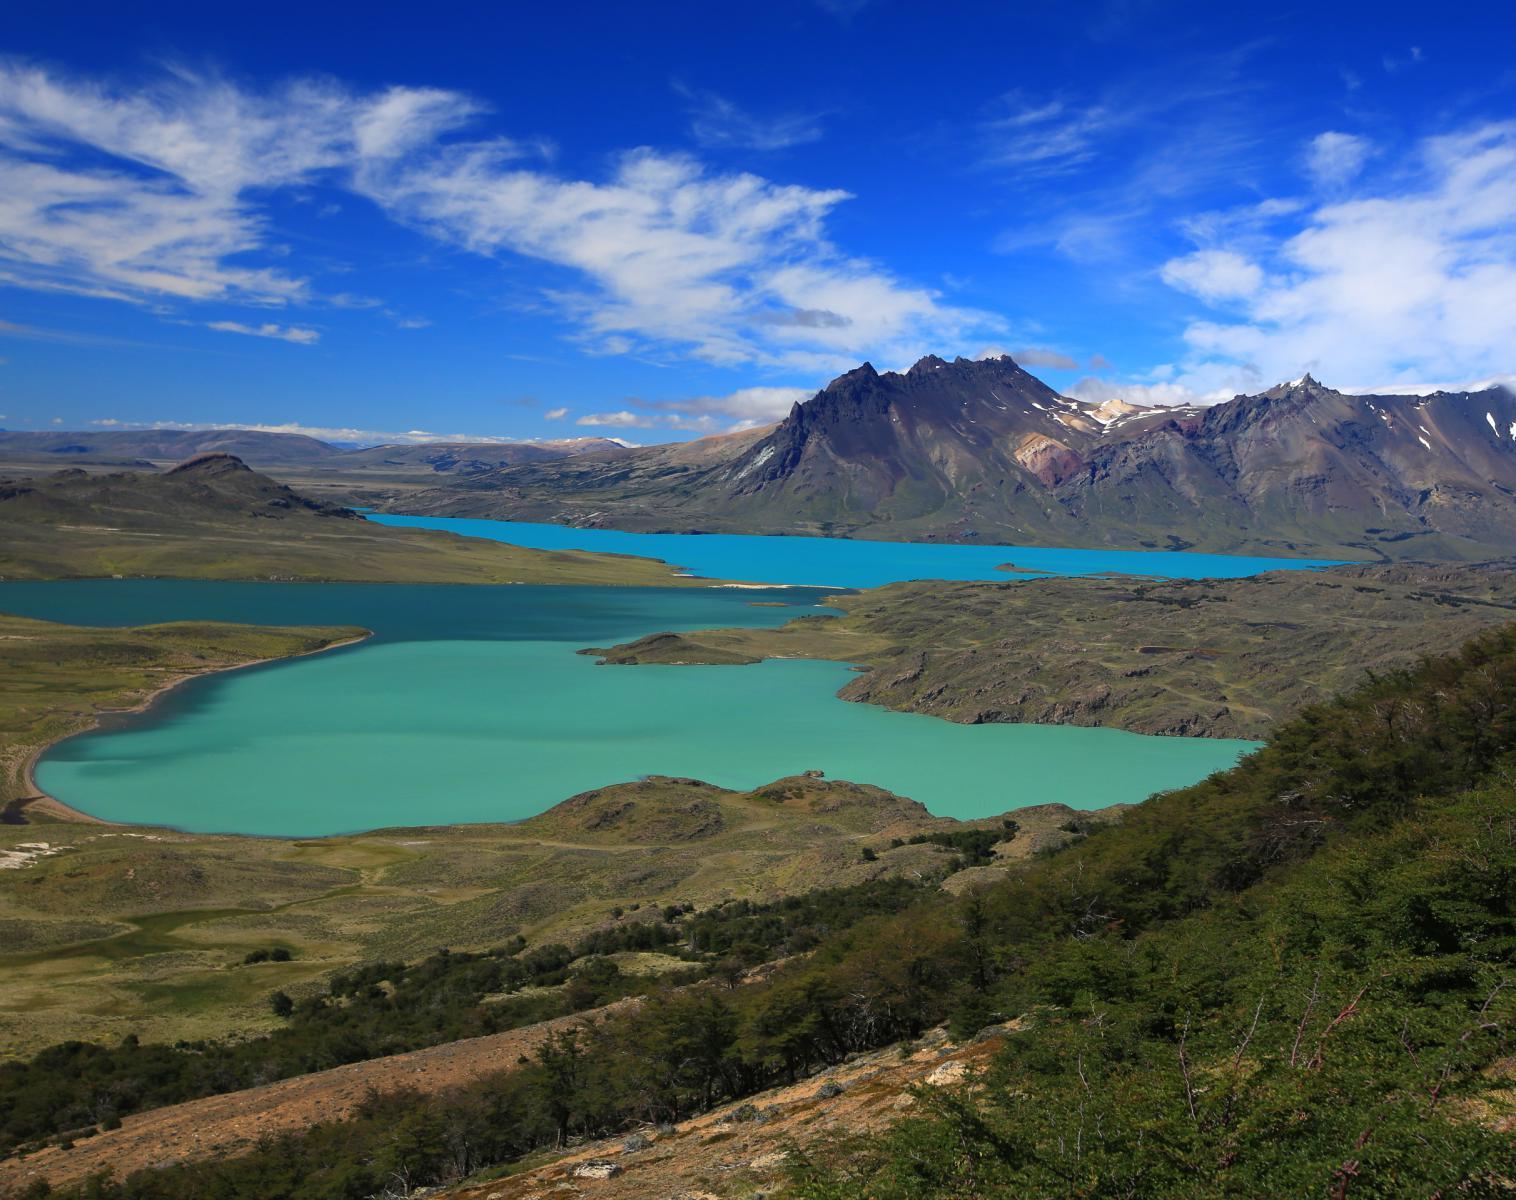 Patagonie  Patagonie, sur la route des estancias   Découverte Balade nature Rencontres et cultures du Monde